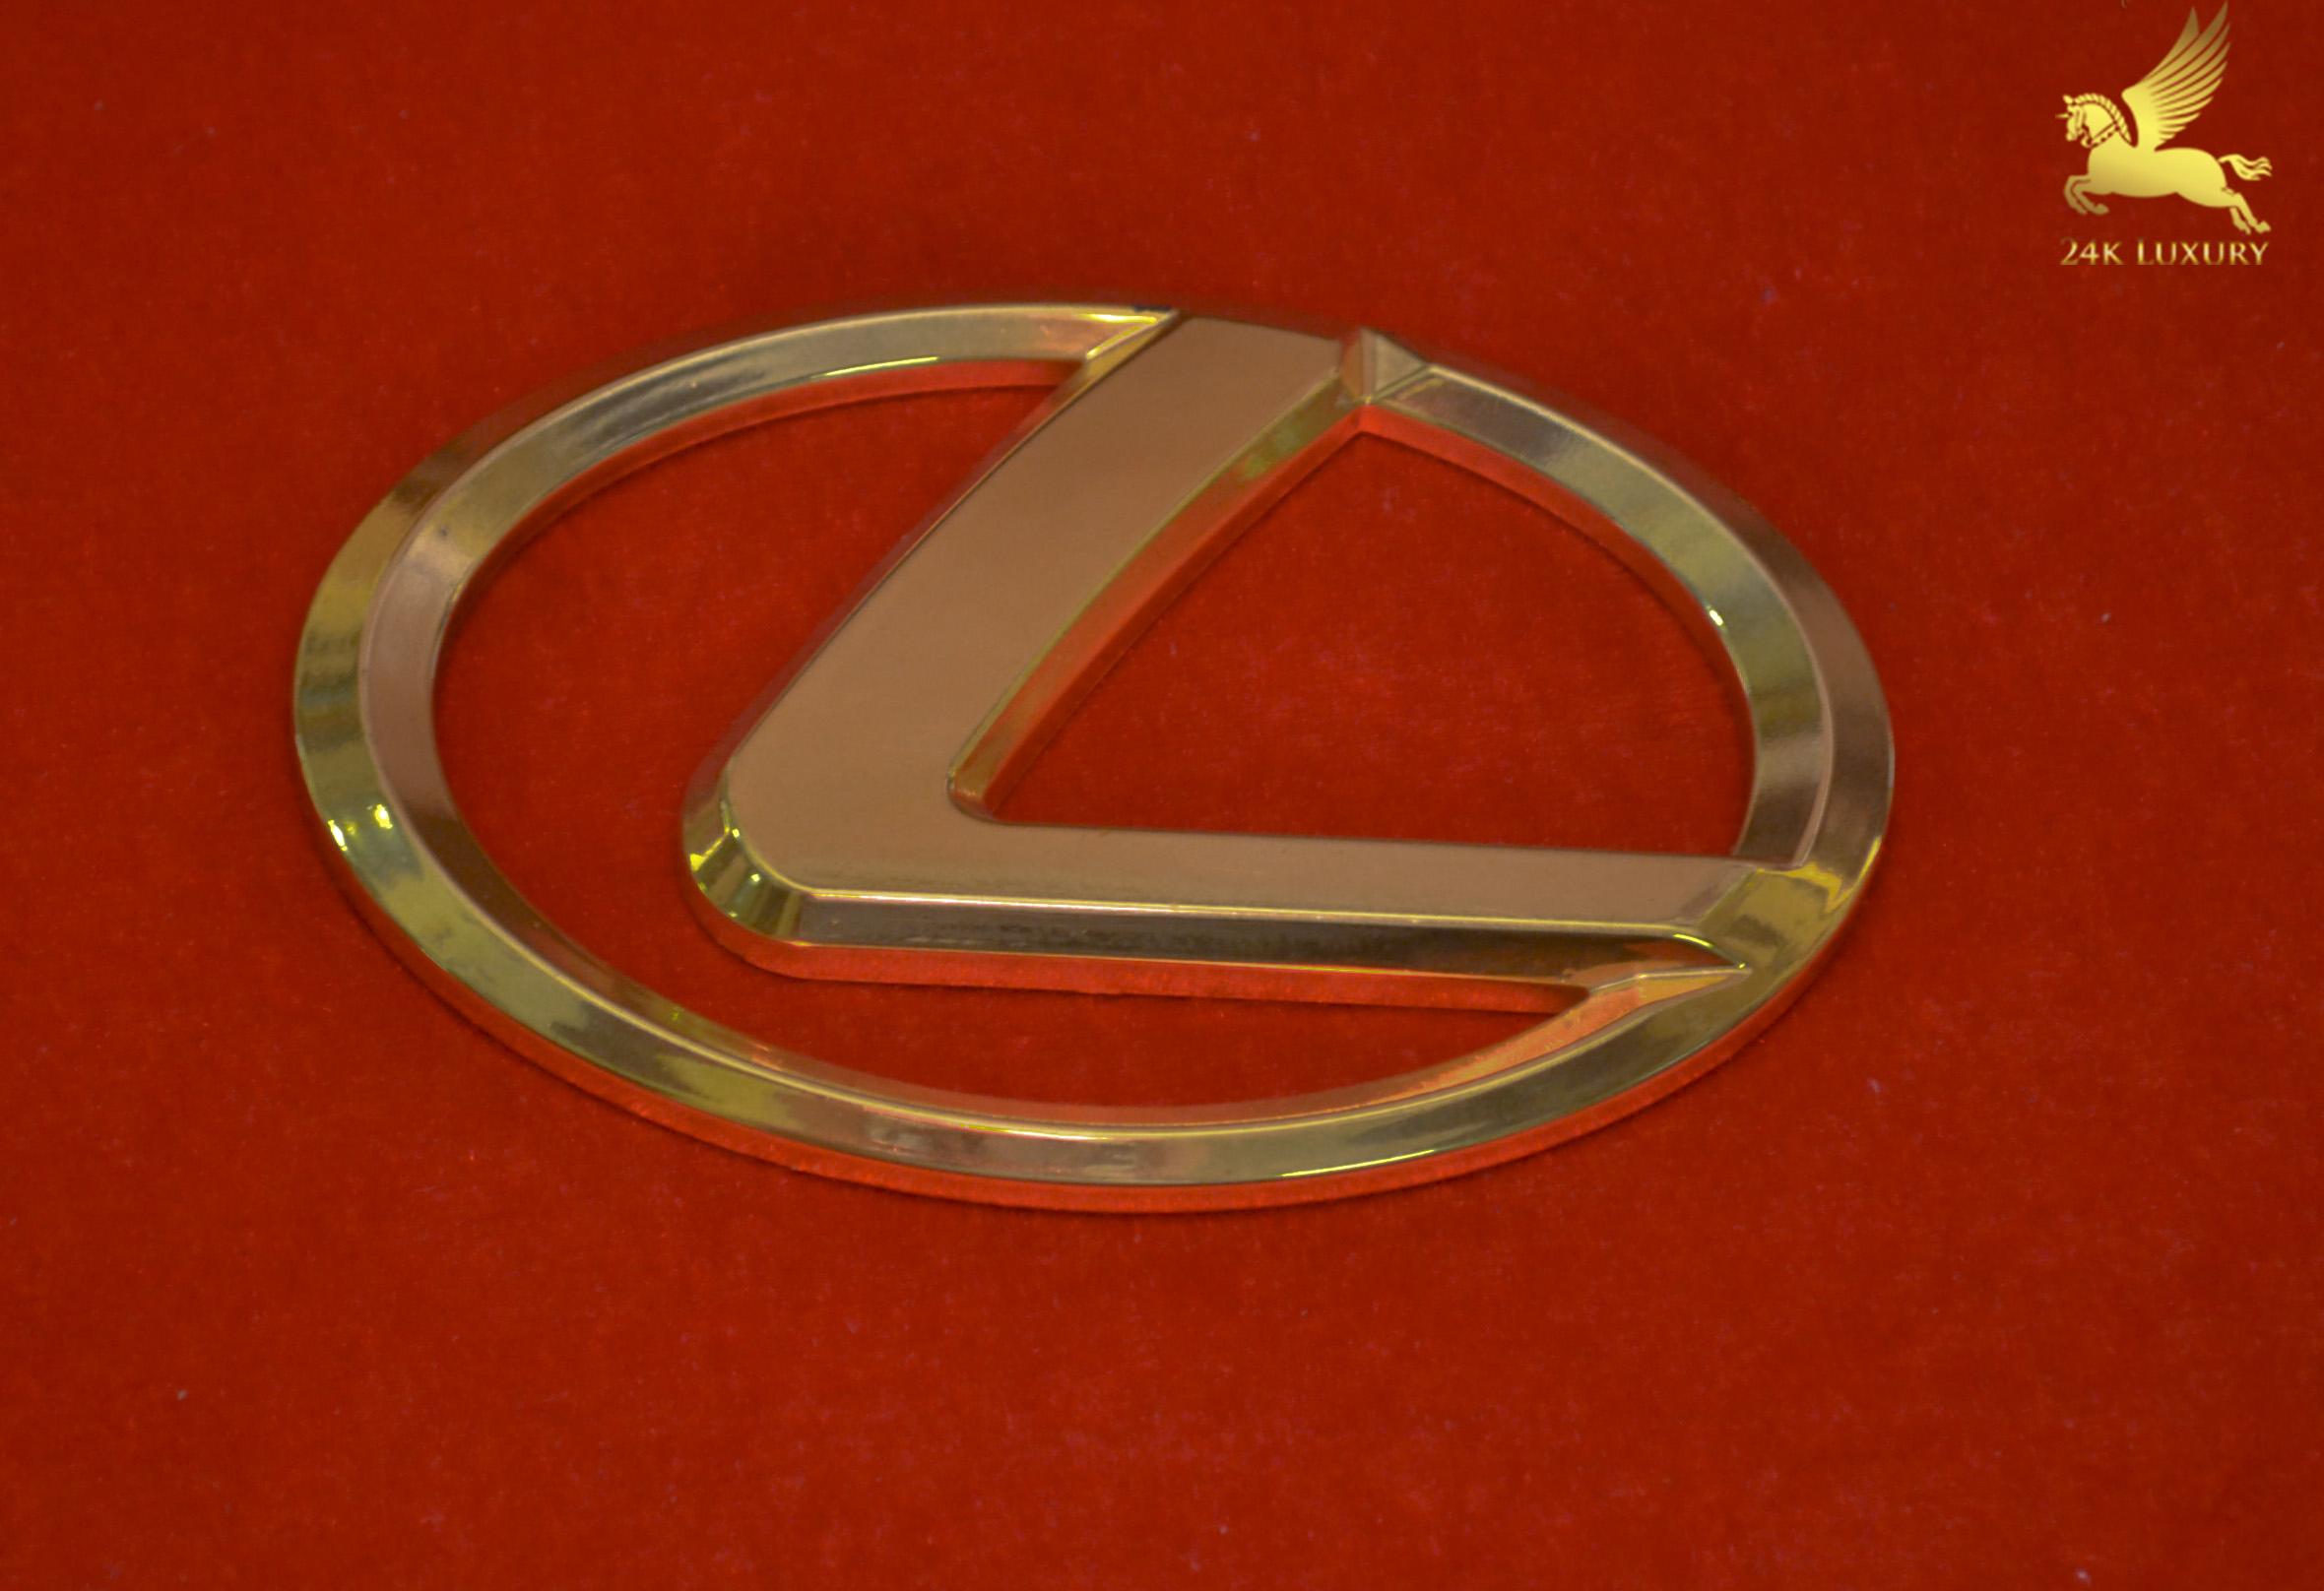 Logo ô tô Lexus mạ vàng 24k- Vina Gold Art